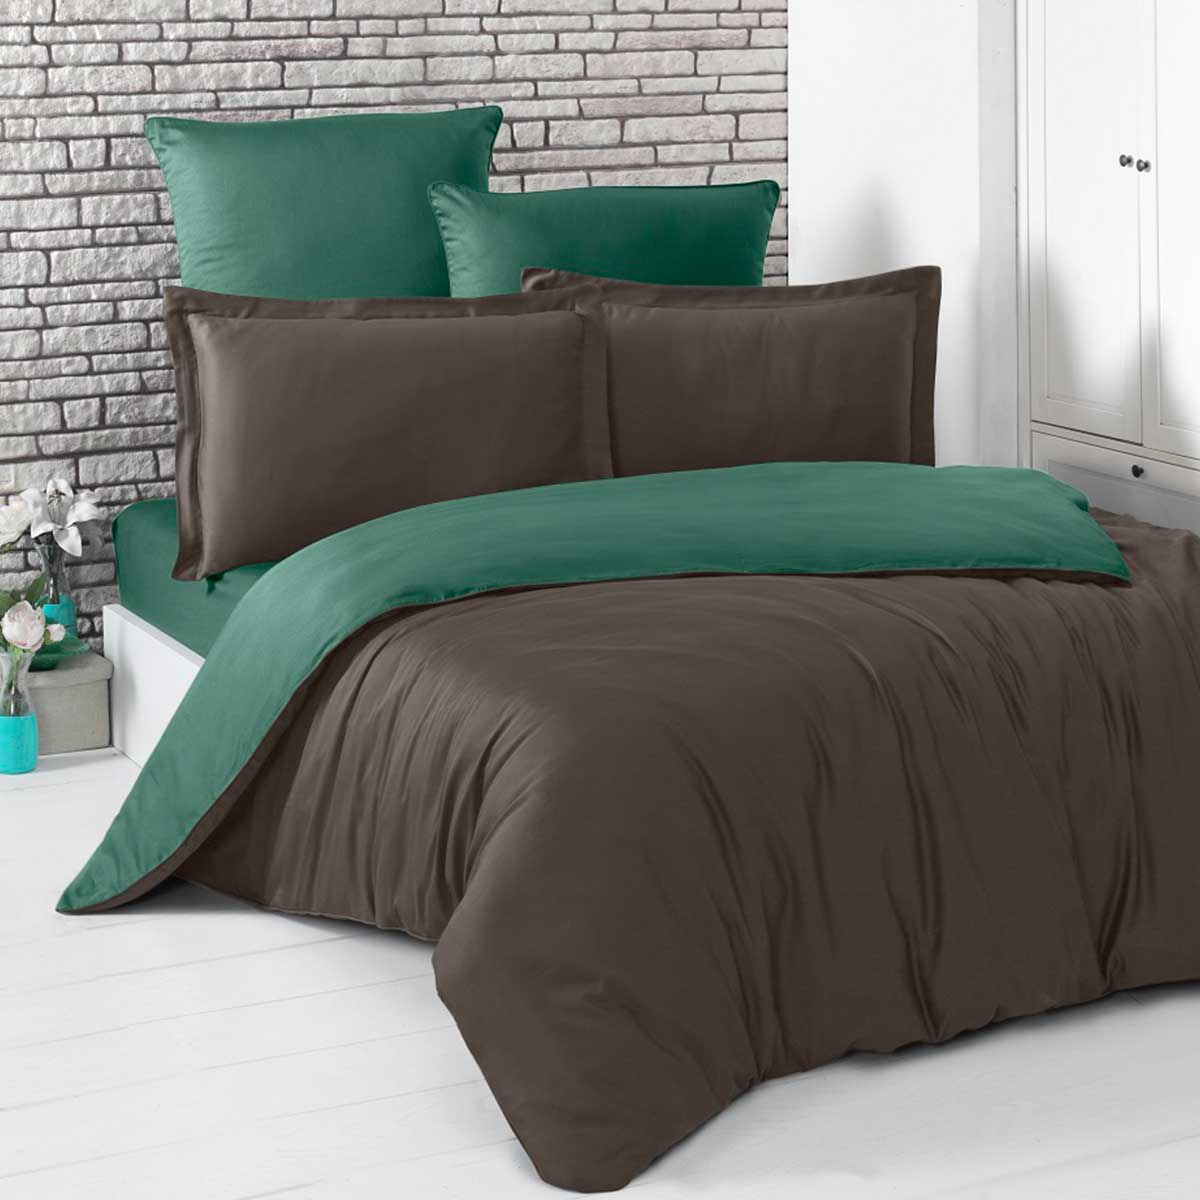 Постельное белье «KARNA» сатин двухстороннее «LOFT» (Шоколадный-Зеленый). Комплект 1.5-спальный (160х220см.): пододеяльник 160х220см (1), простынь 160х240см (1), наволочки 50х70см, 70х70см. Ткань: сатин. Состав: 100% хлопок. Производство ТМ «KARNA» («Карна»), Турция